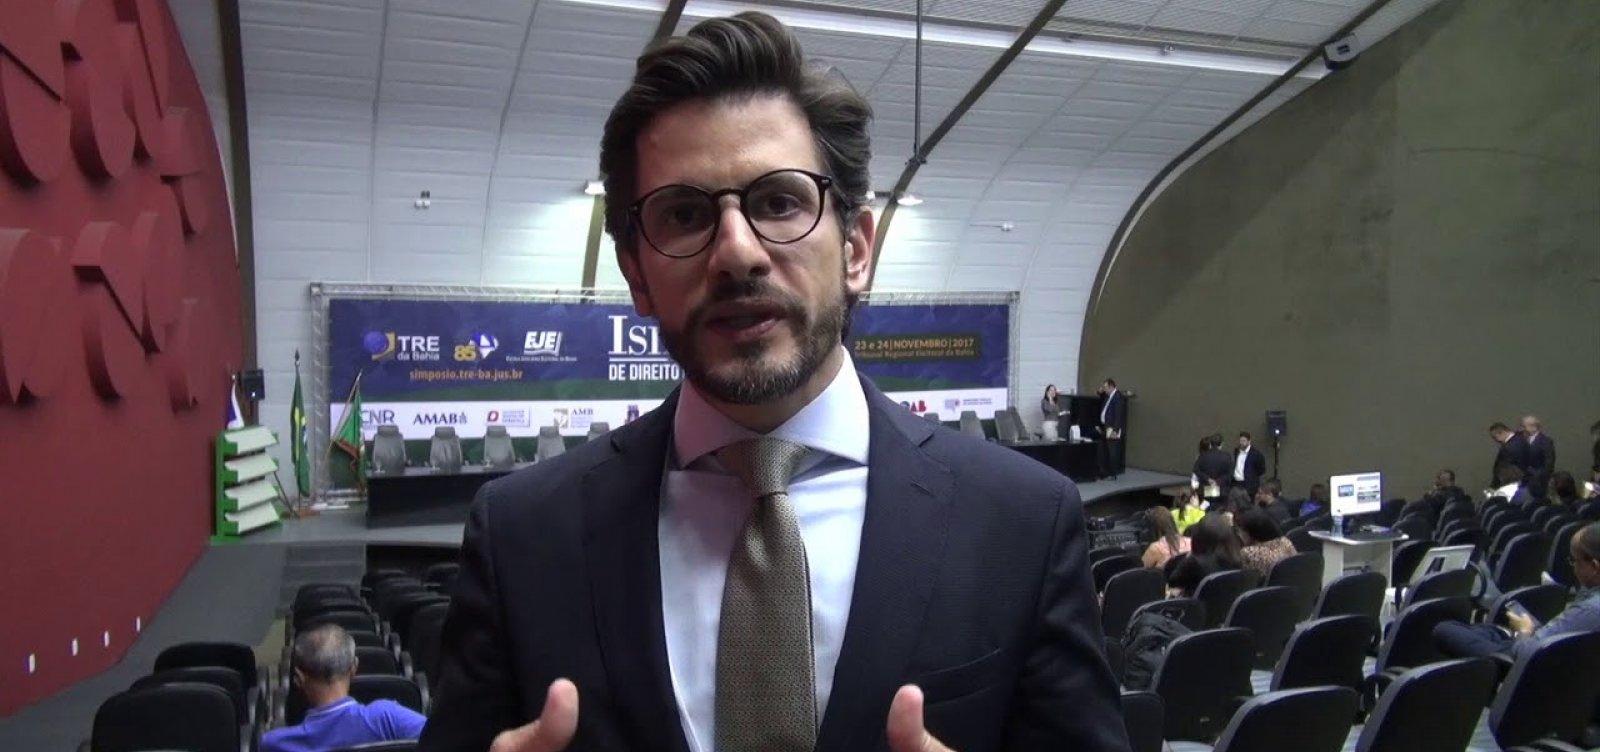 Advogado de Bolsonaro diz que candidato tem 'pregado paz', e não fake news